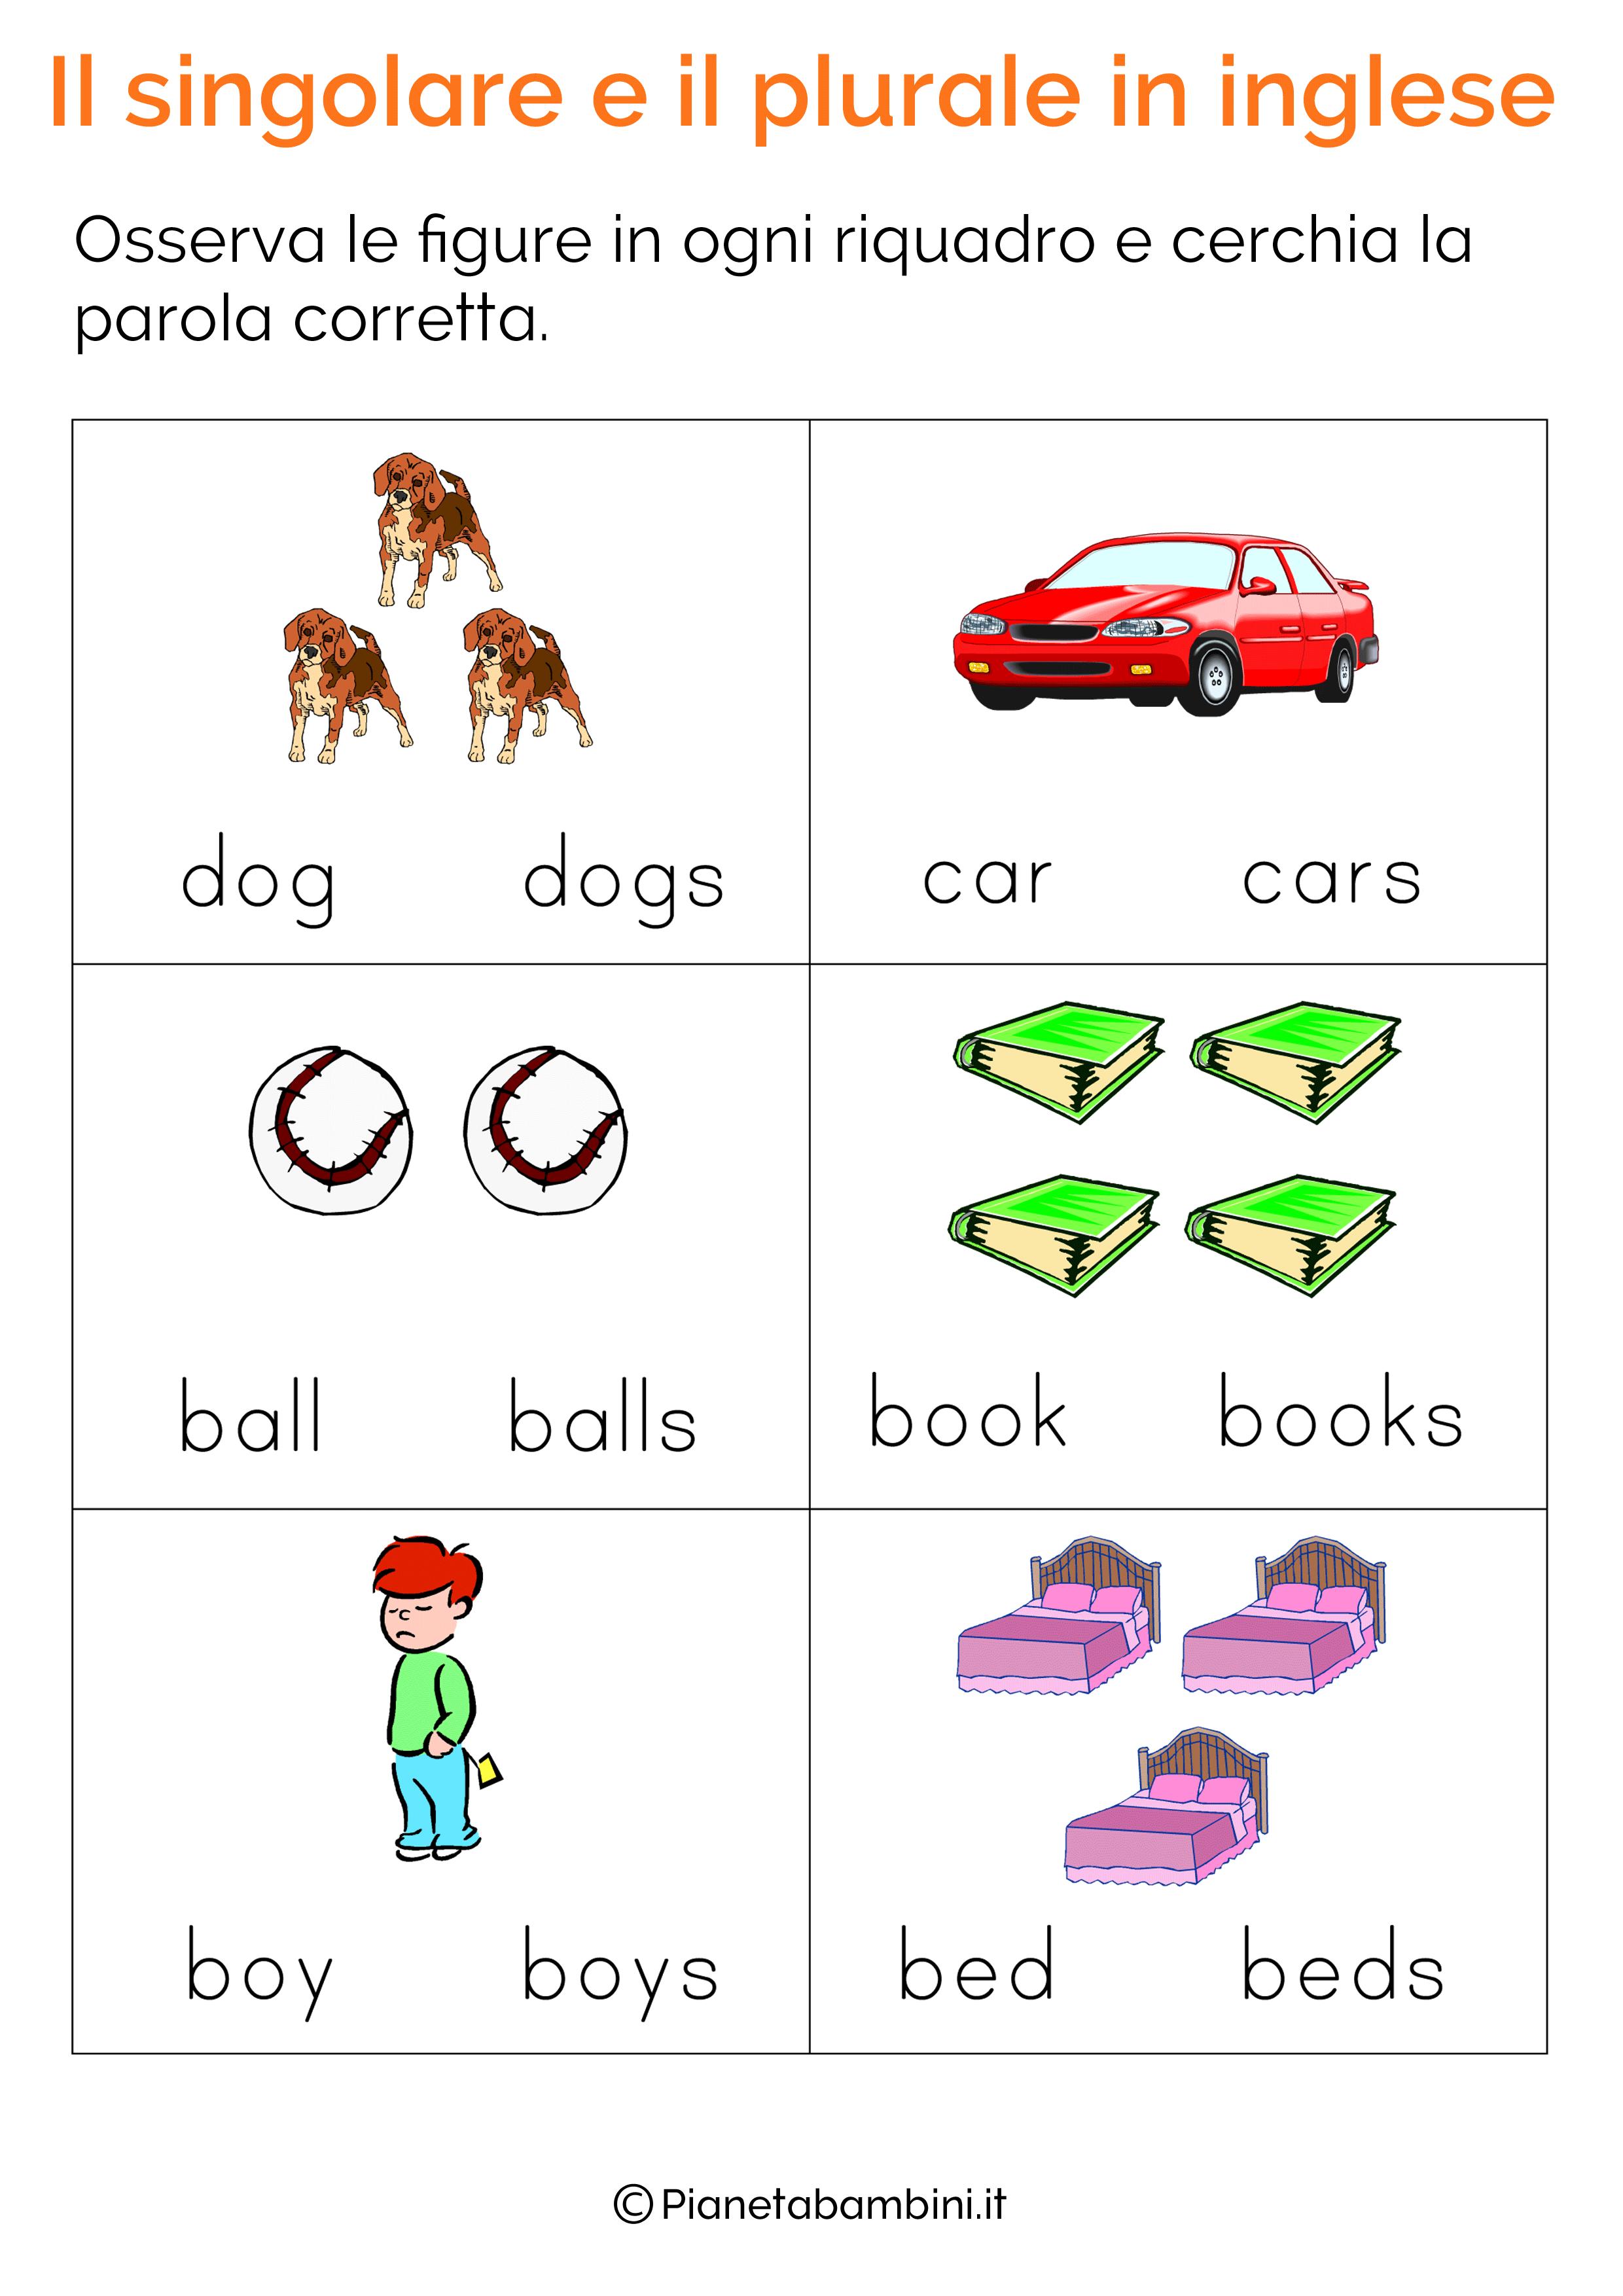 Eccezionale Esercizi sul Singolare e Plurale in Inglese per Bambini da  XR54